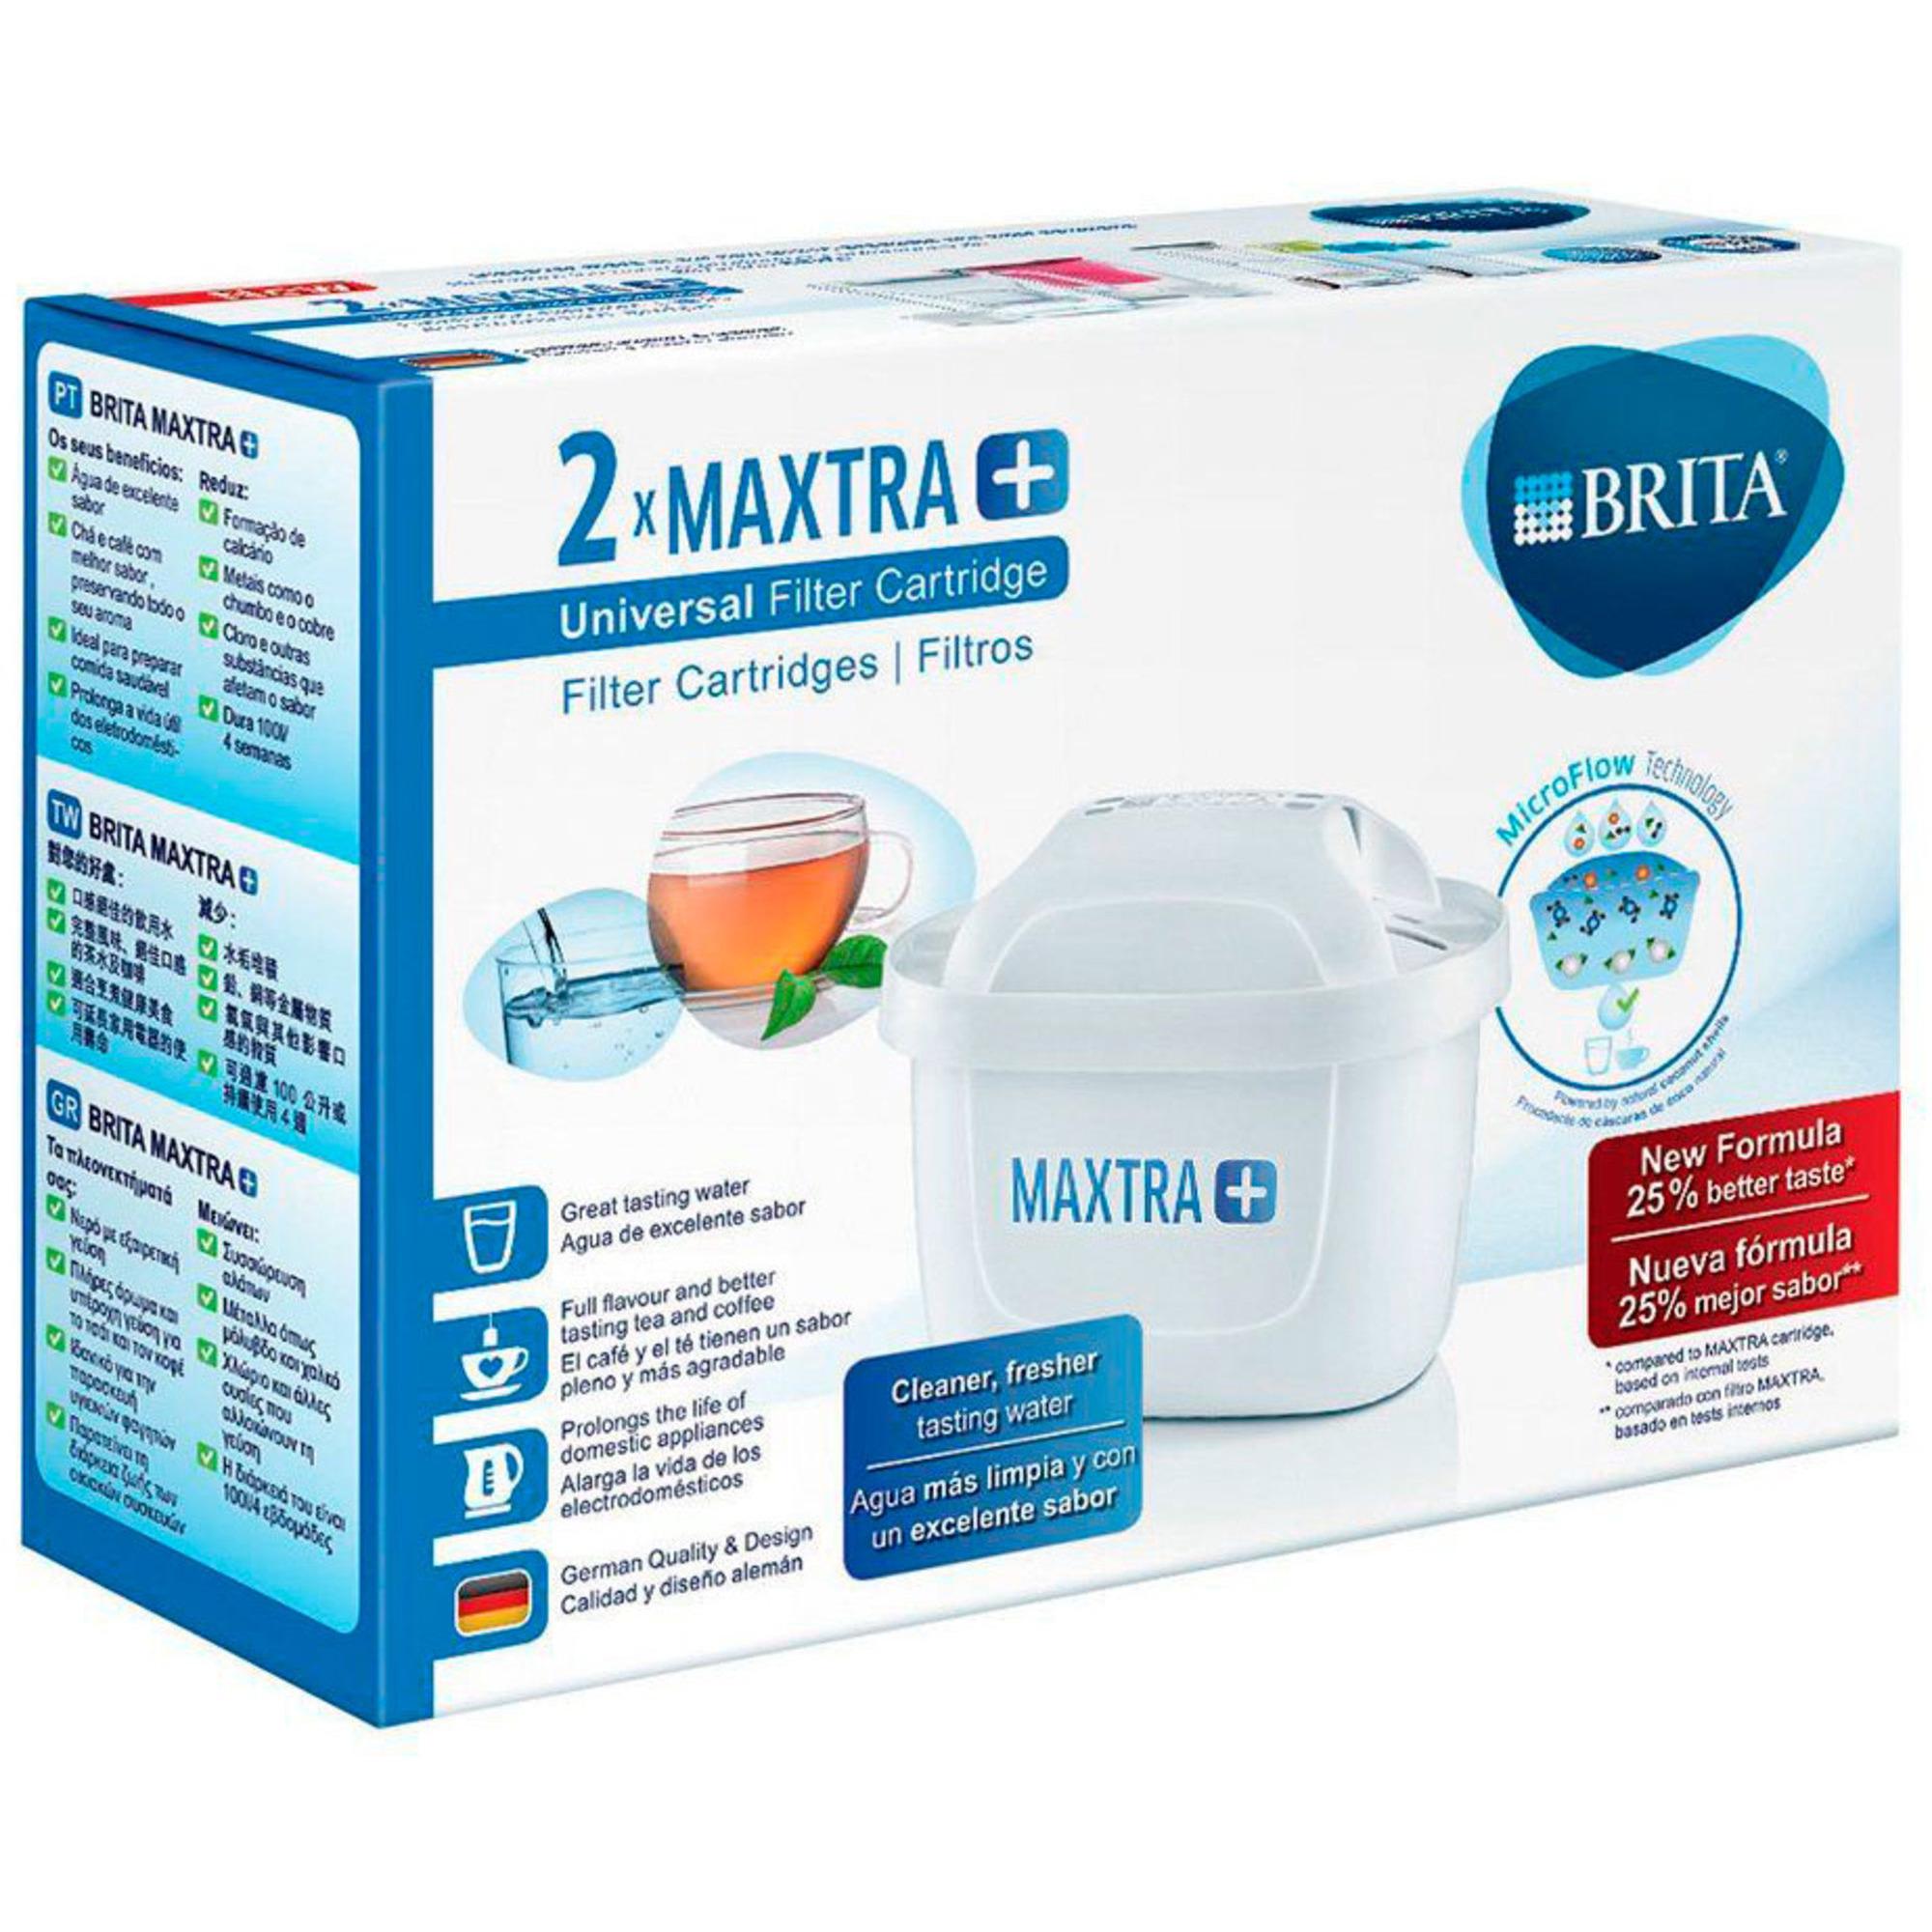 Brita Maxtra+ filter